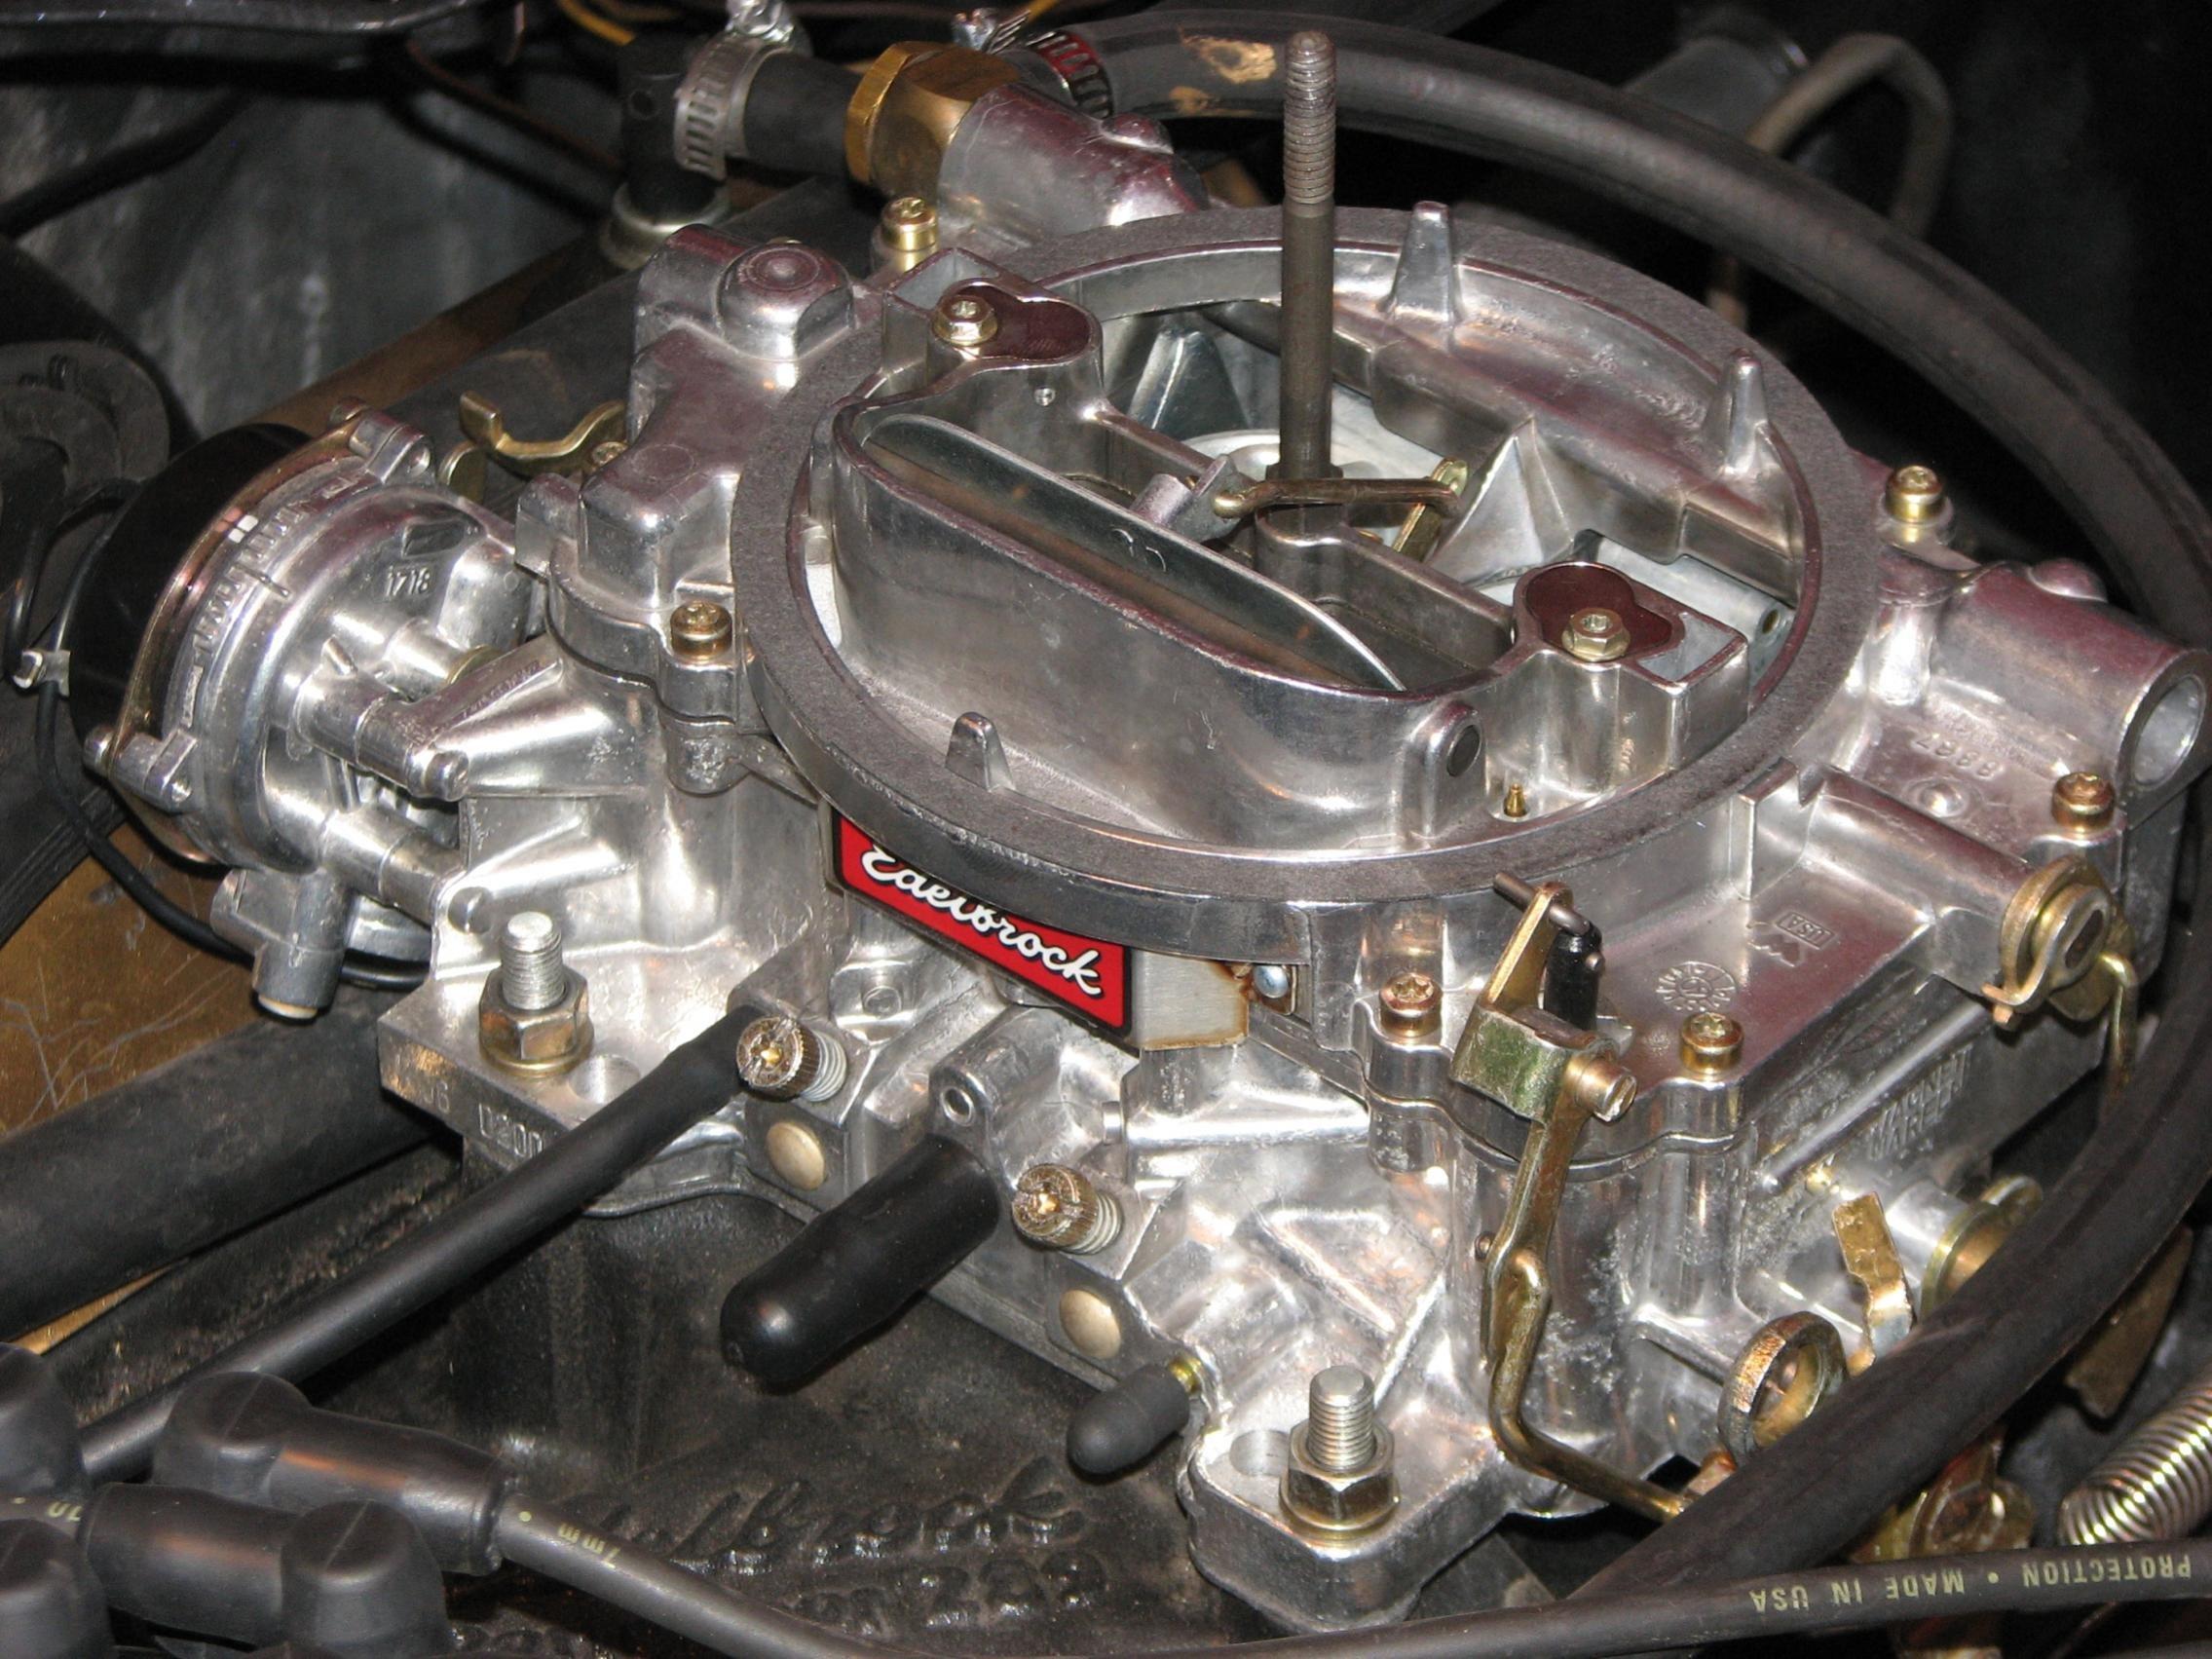 1966 mustang carburetor diagram   31 wiring diagram images